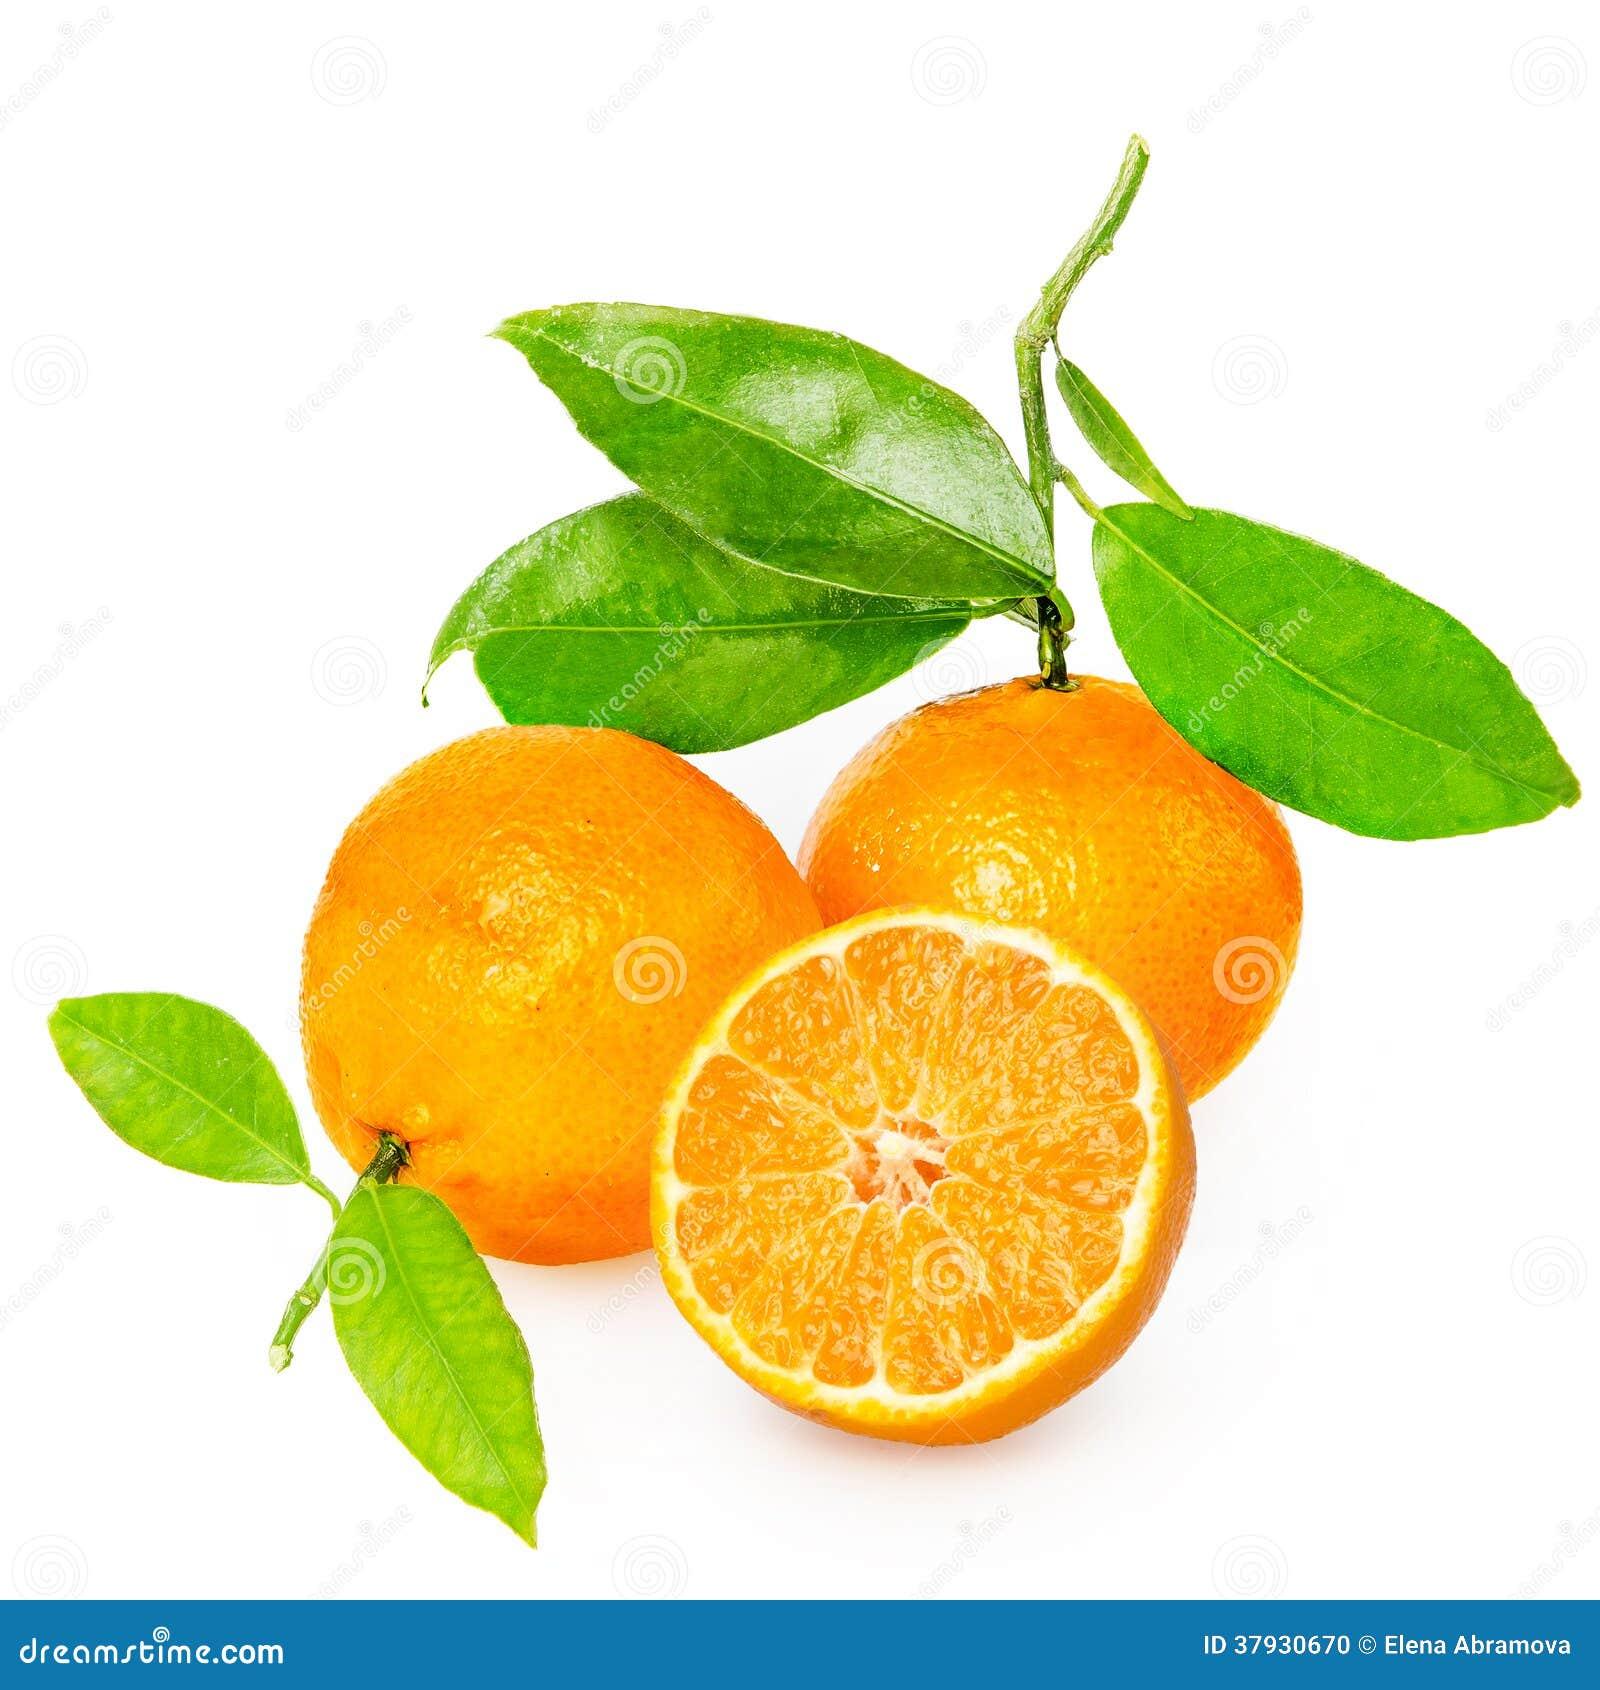 Mandarina con segmentos